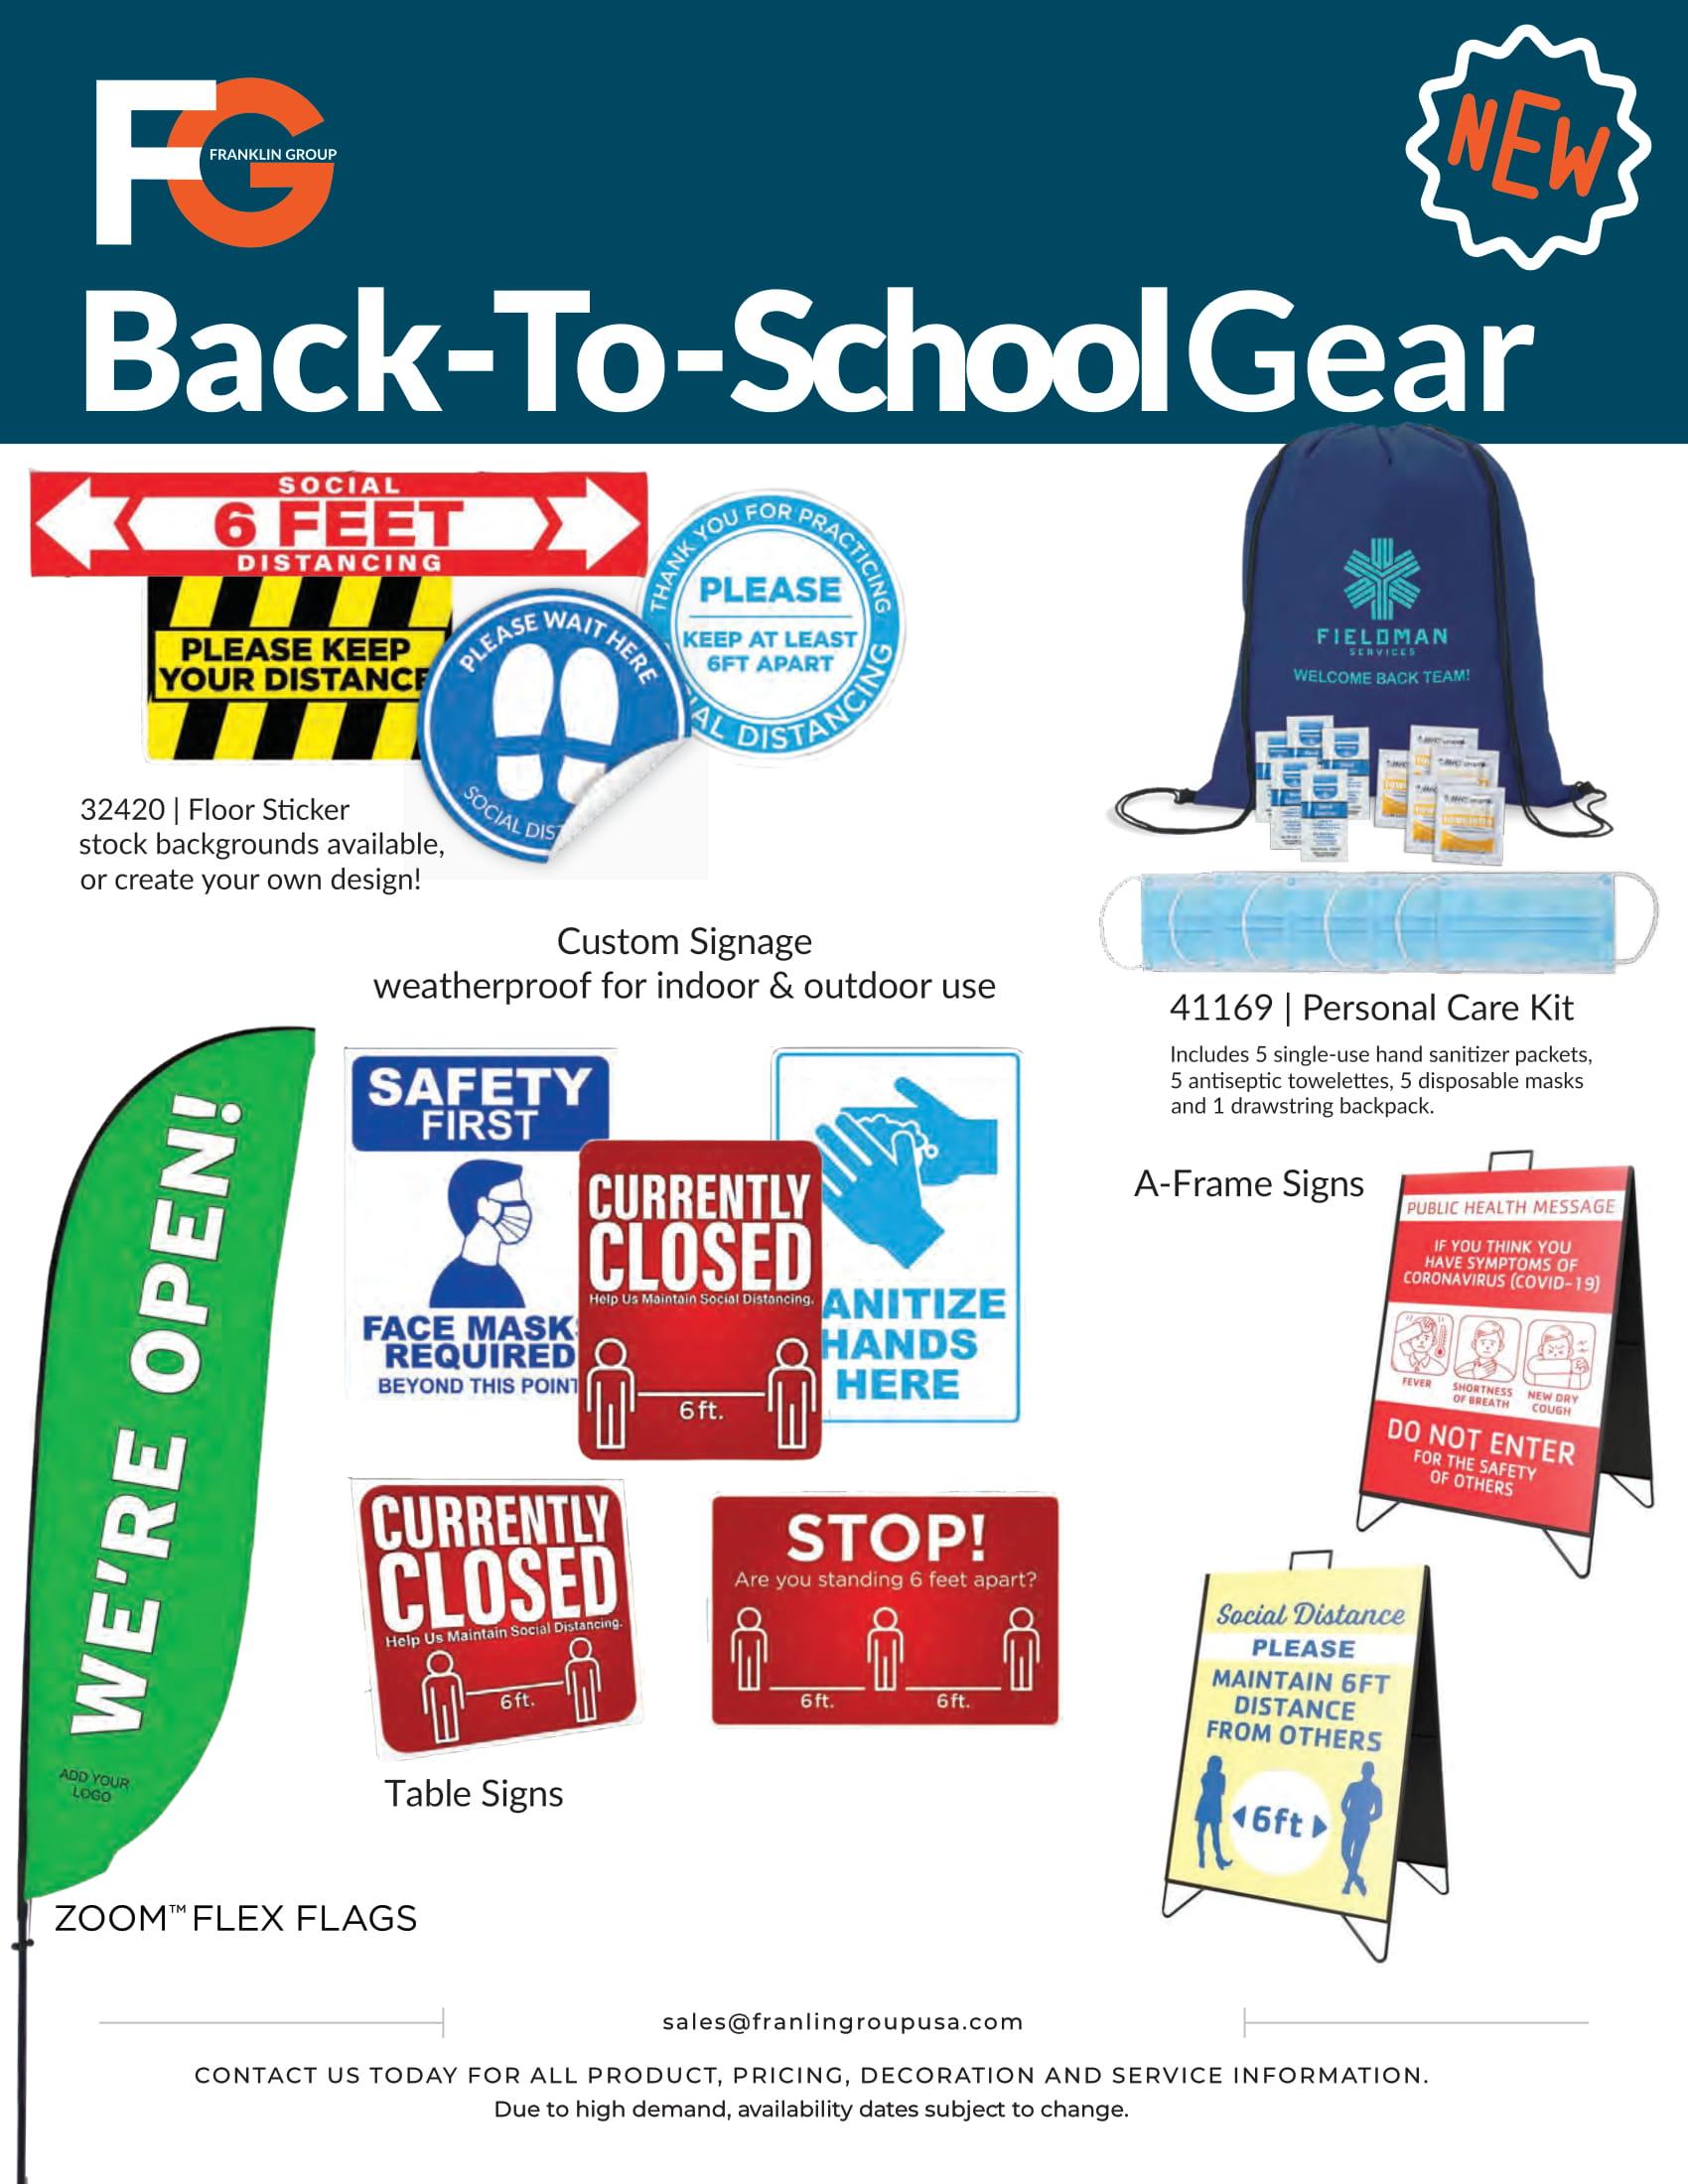 Back to School Gear